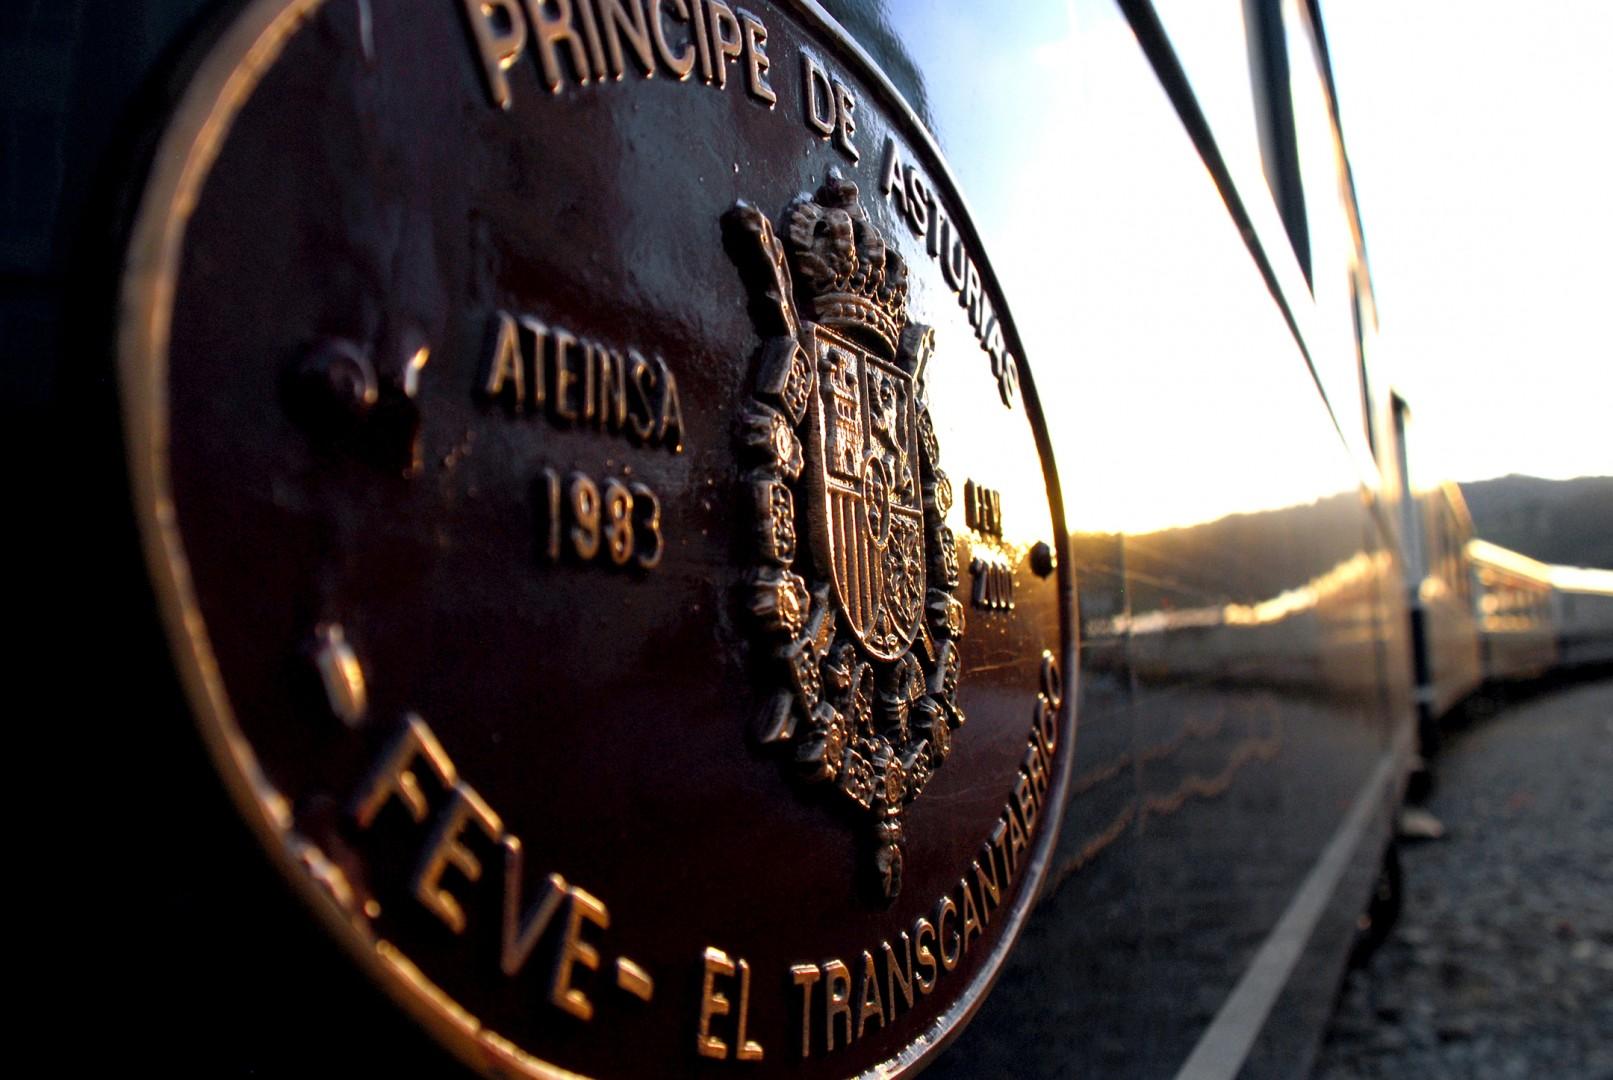 Placa de uno de los coches del Transcantábrico de Feve en la estación de Viveiro. Foto: David.